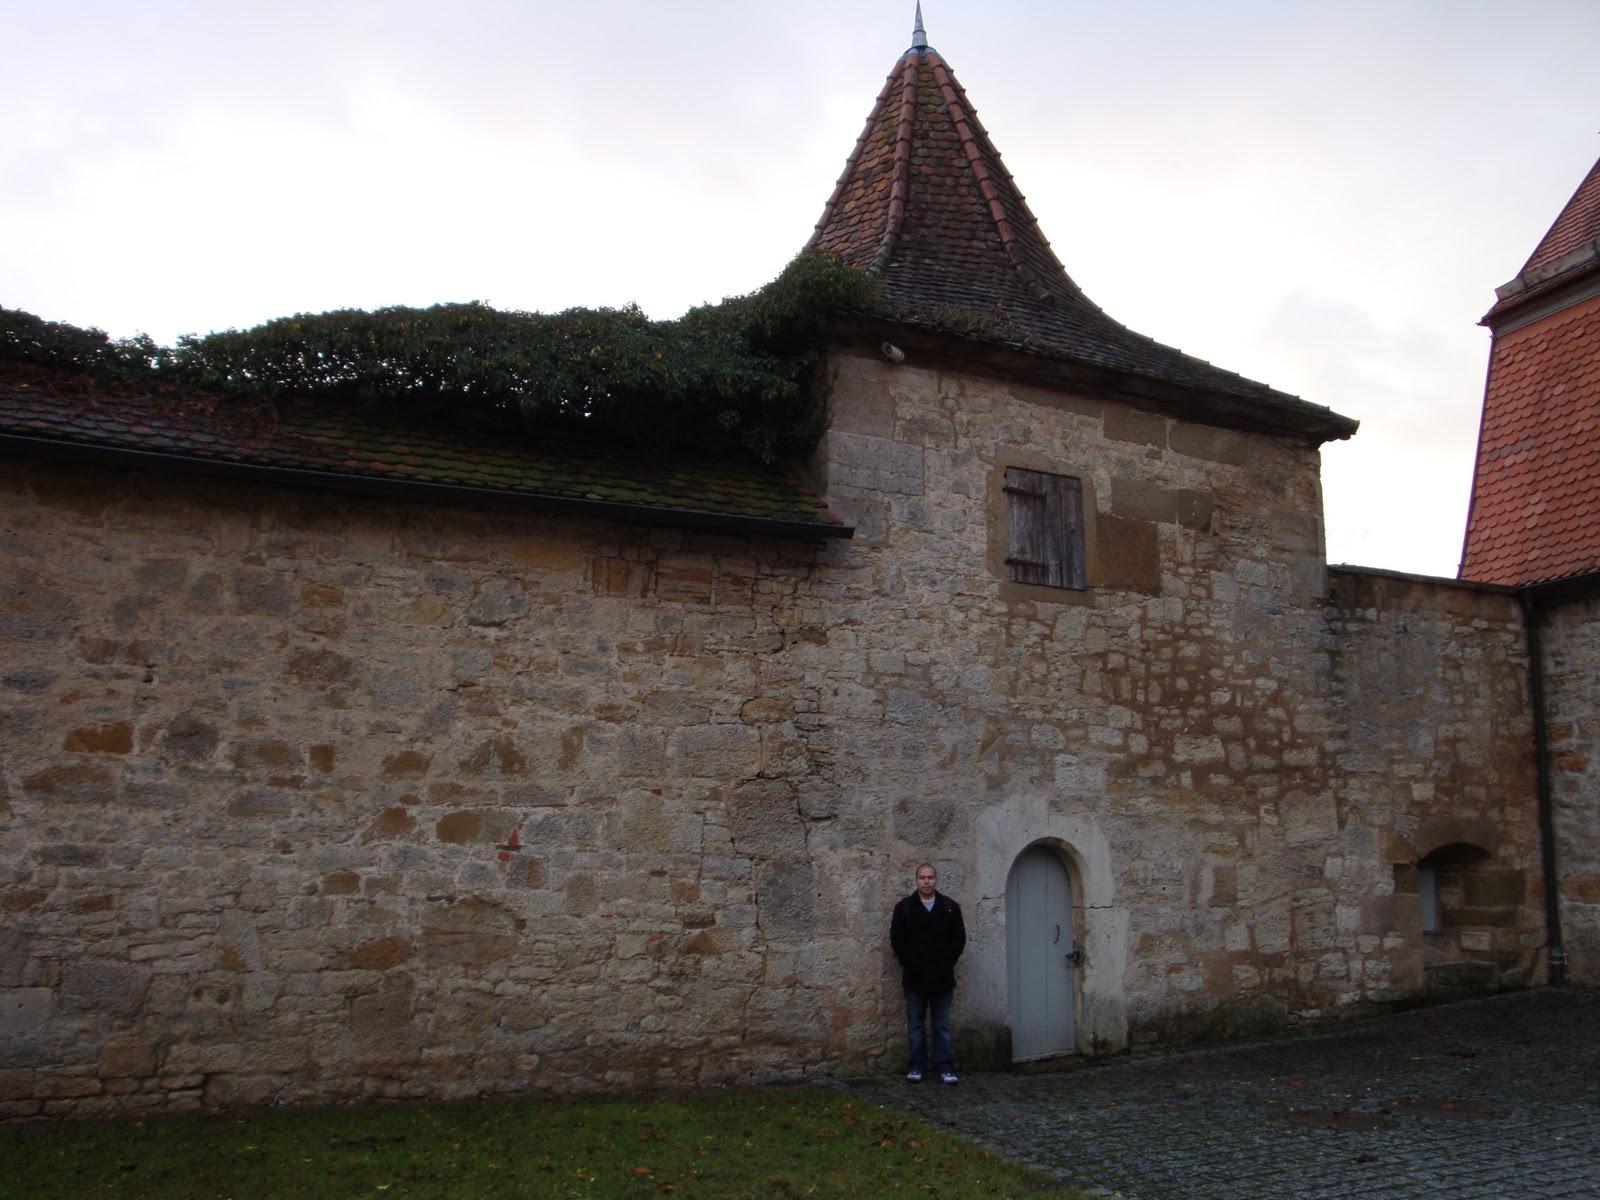 Slut aus Rothenburg ob der Tauber